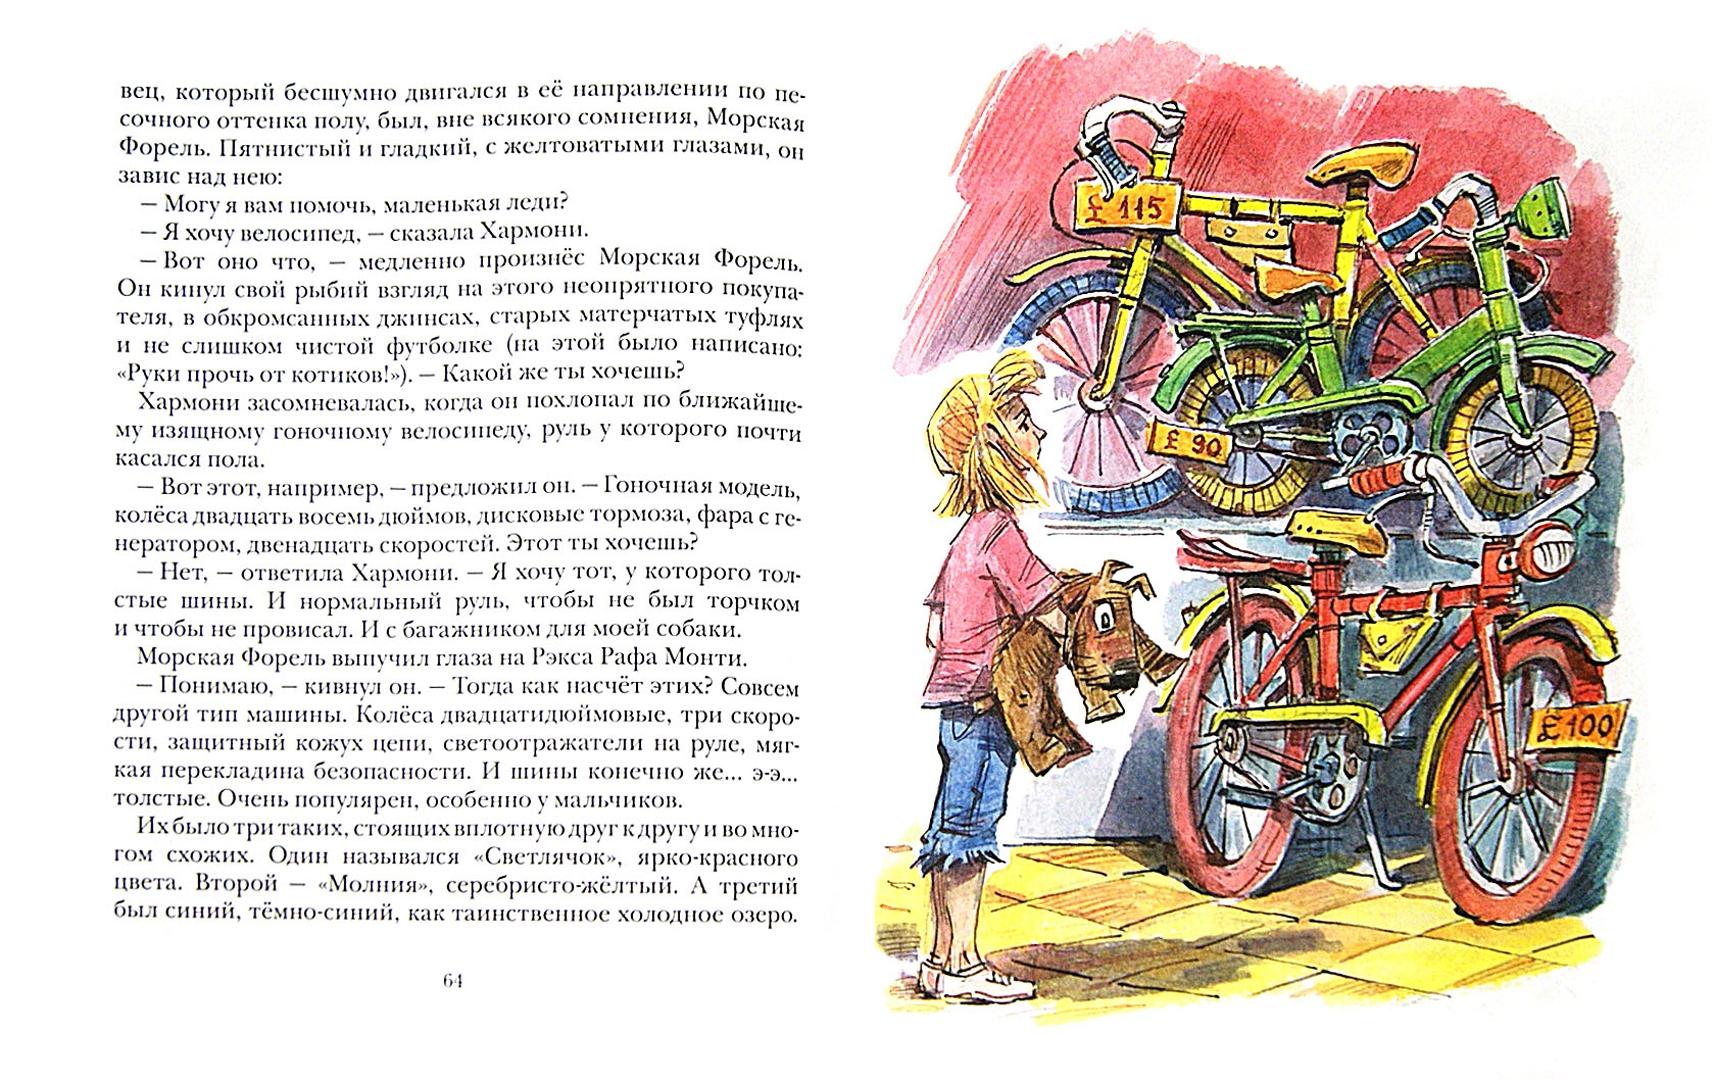 Иллюстрация 1 из 32 для Нос королевы - Дик Кинг-Смит   Лабиринт - книги. Источник: Лабиринт